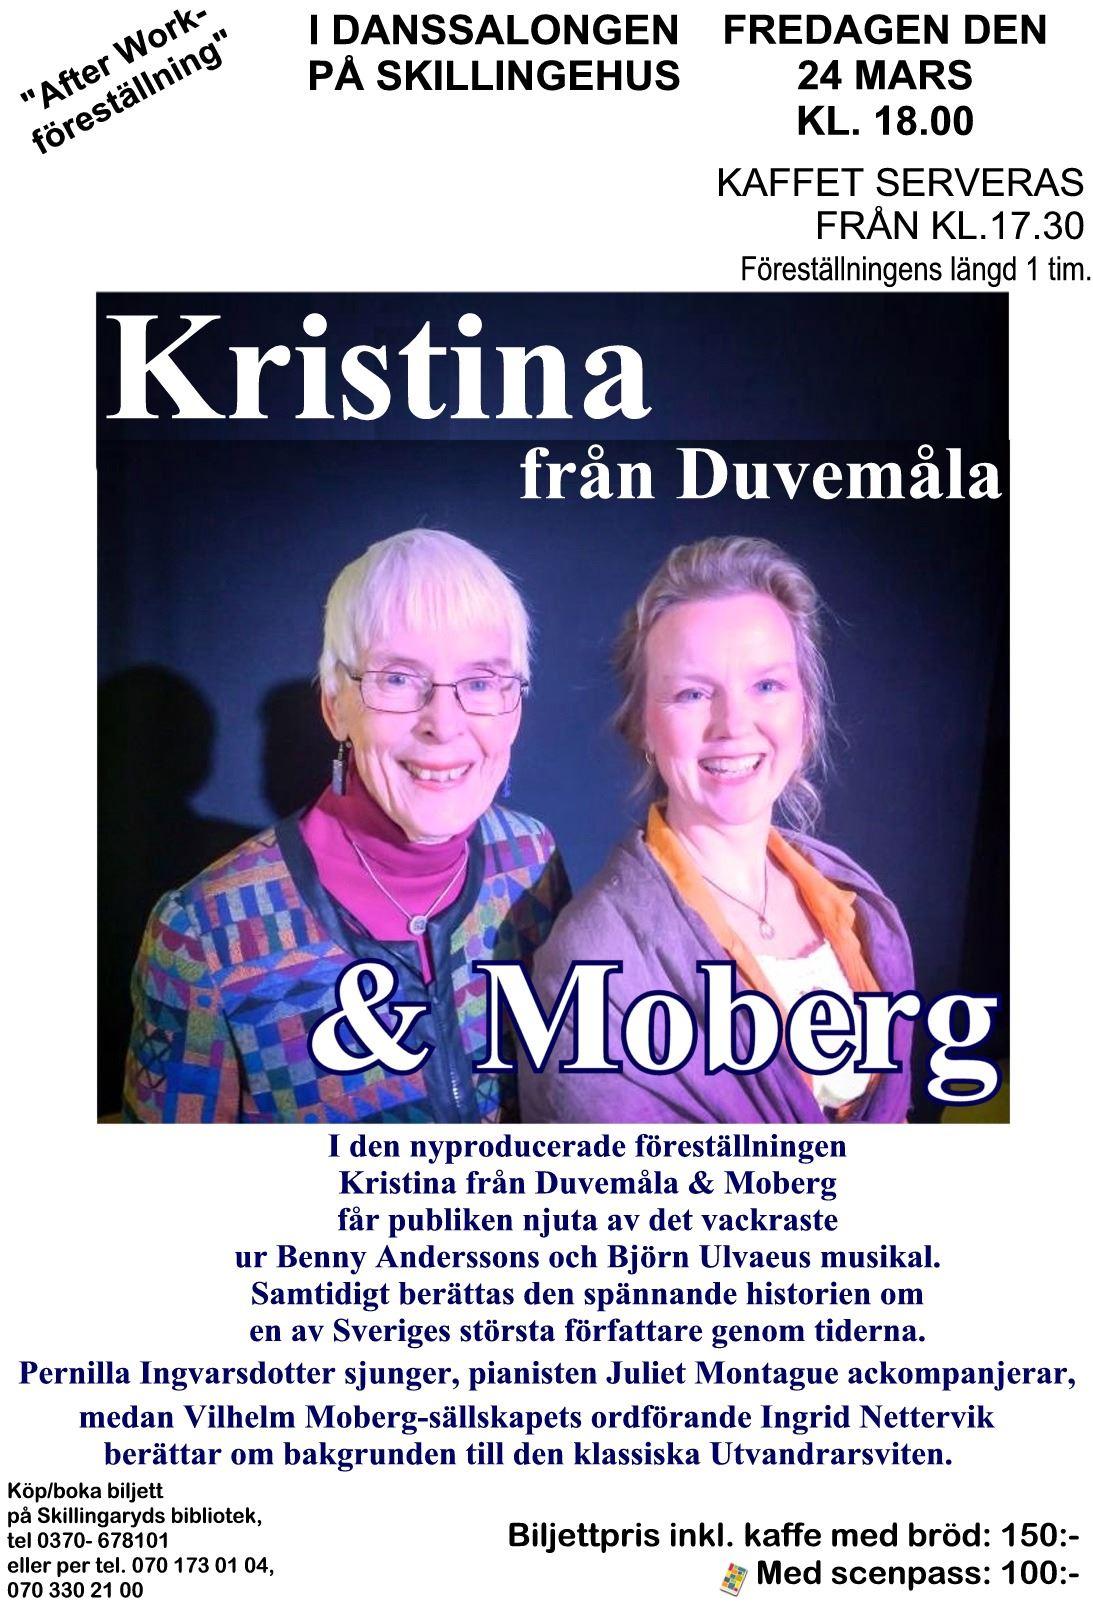 KRISTINA FRÅN DUVEMÅLA & MOBERG